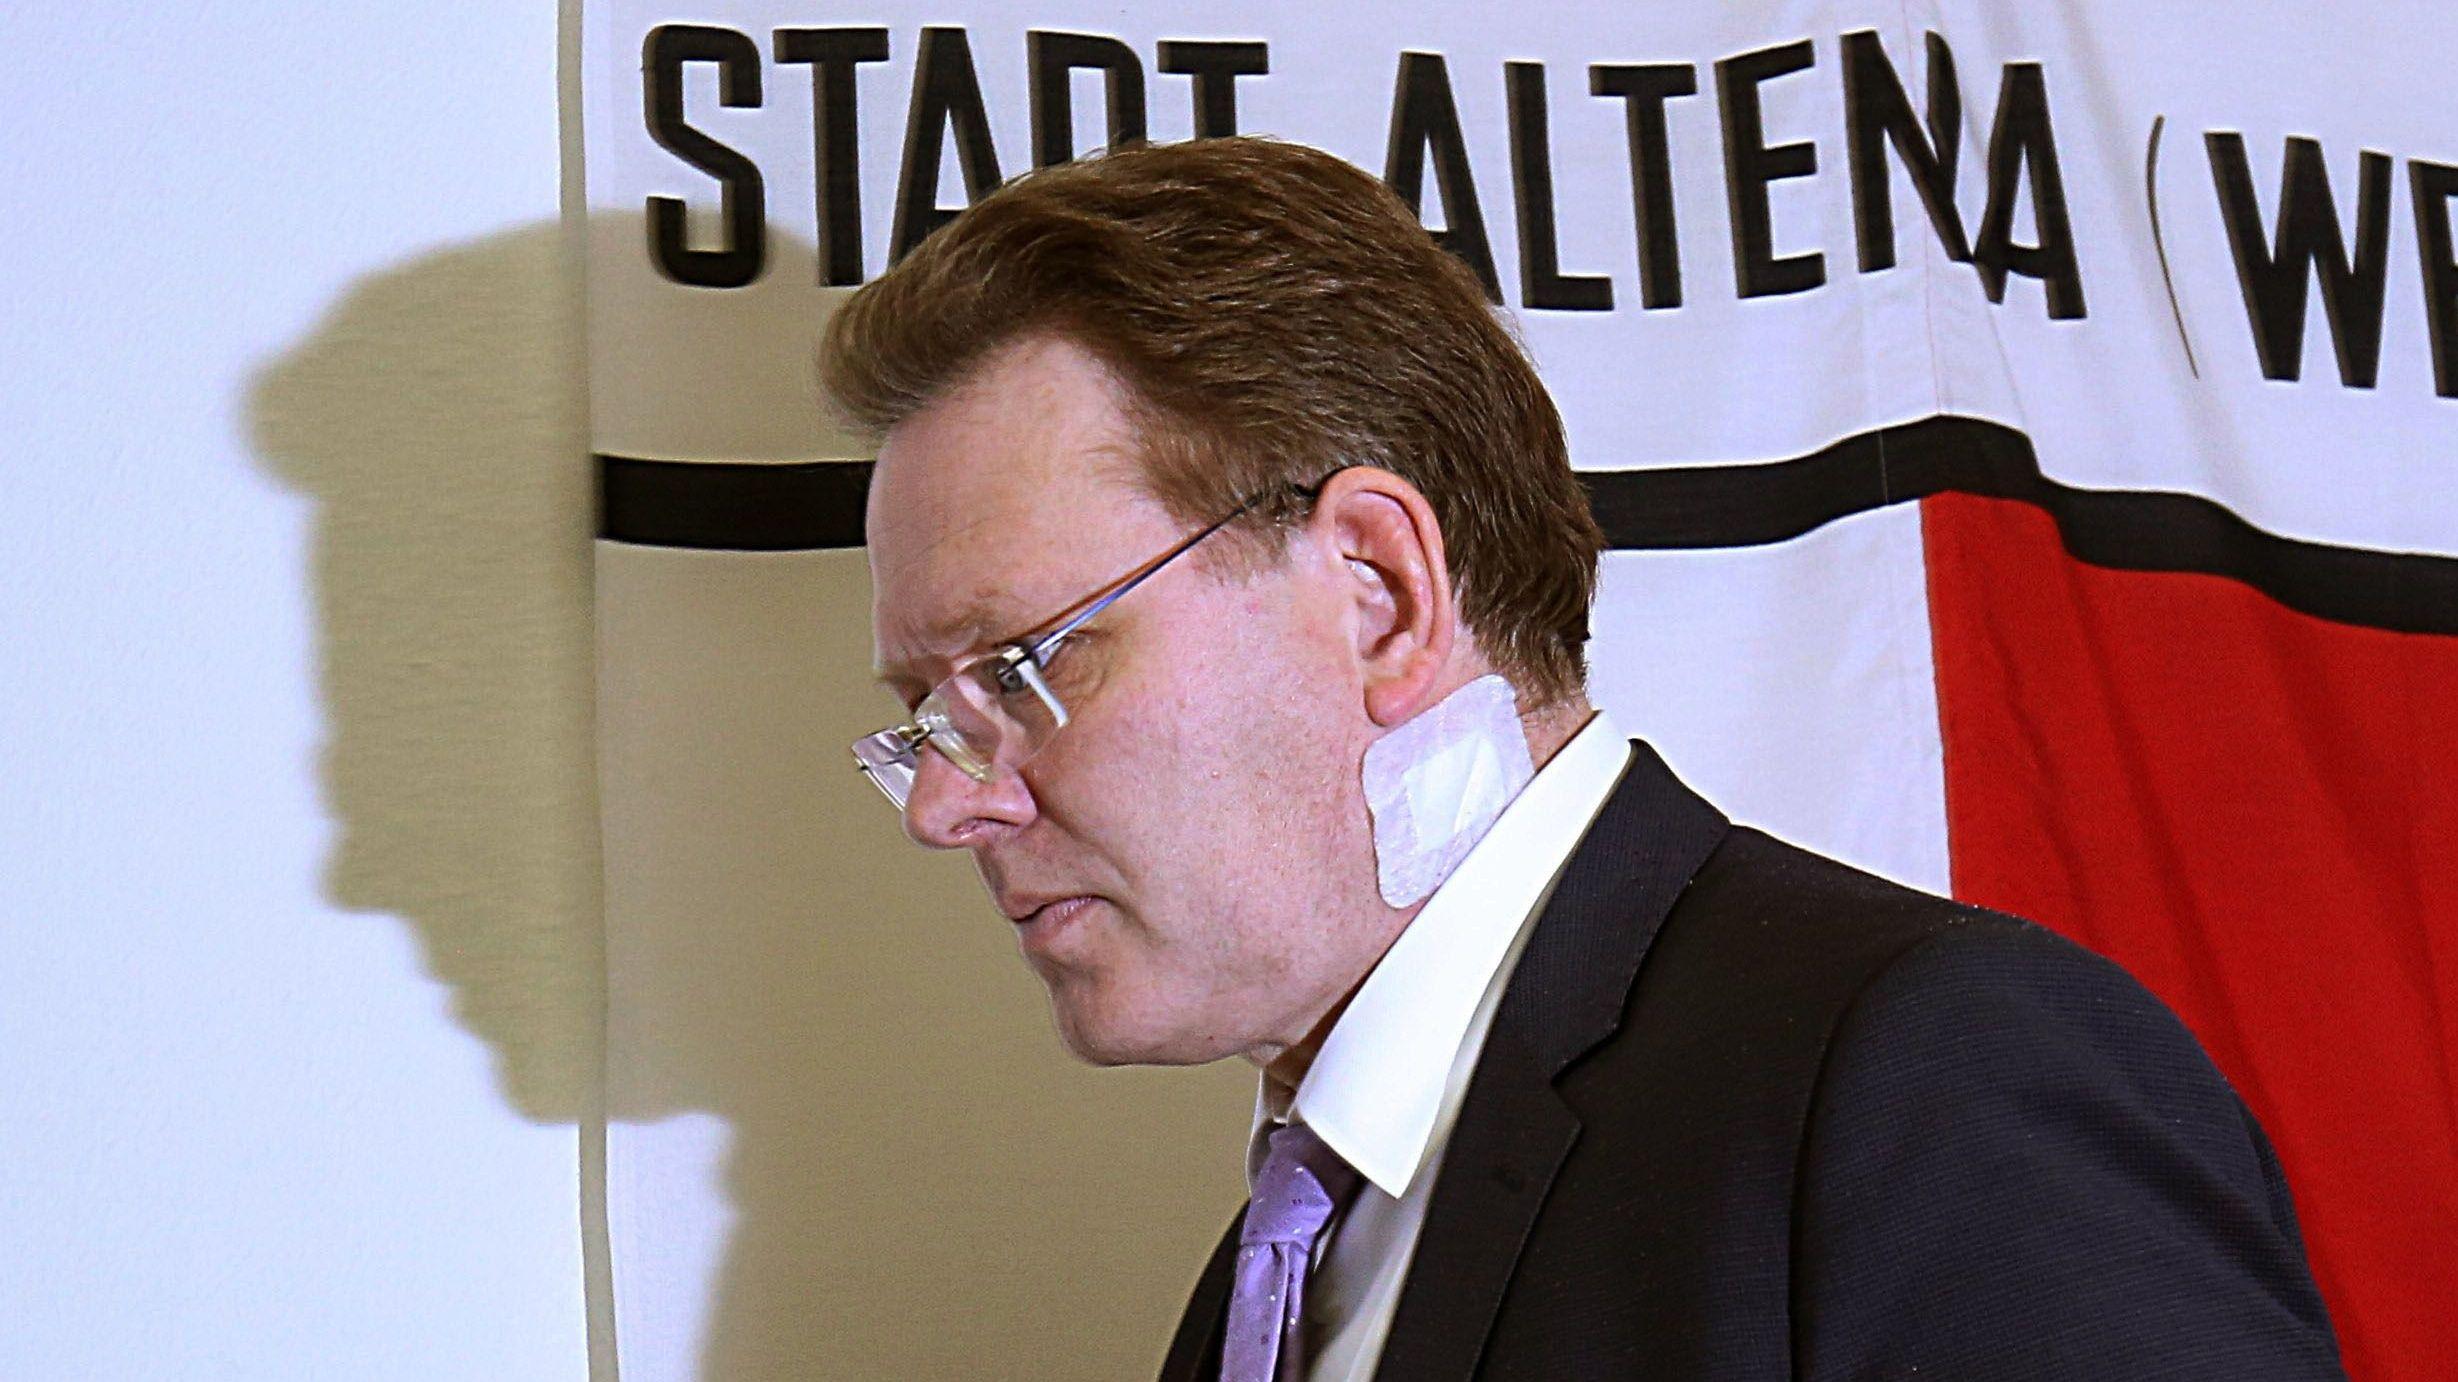 Der Bürgermeister von Altena, Andreas Hollstein (CDU) nach dem Messerangriff